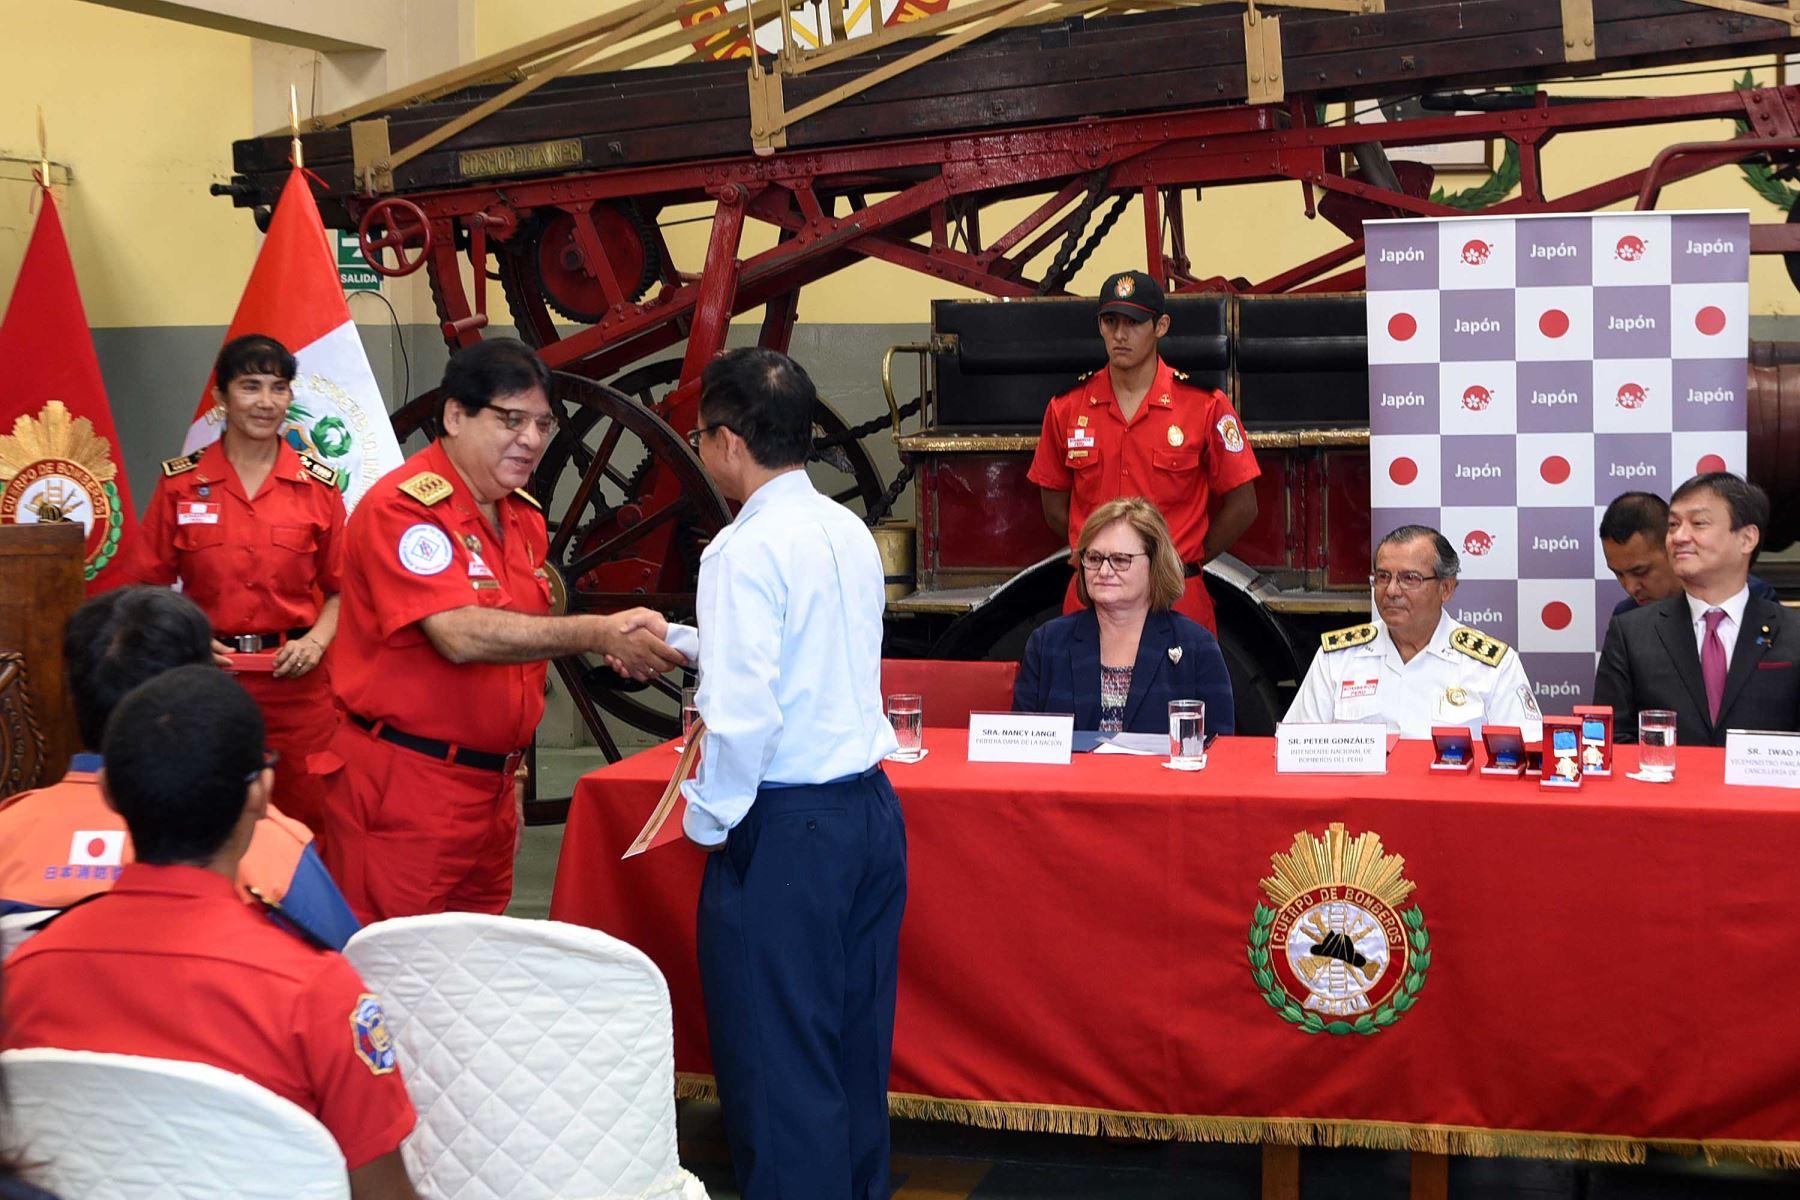 Gobierno de Japón y asociación de bomberos japonés dona unidades a CGBVP.